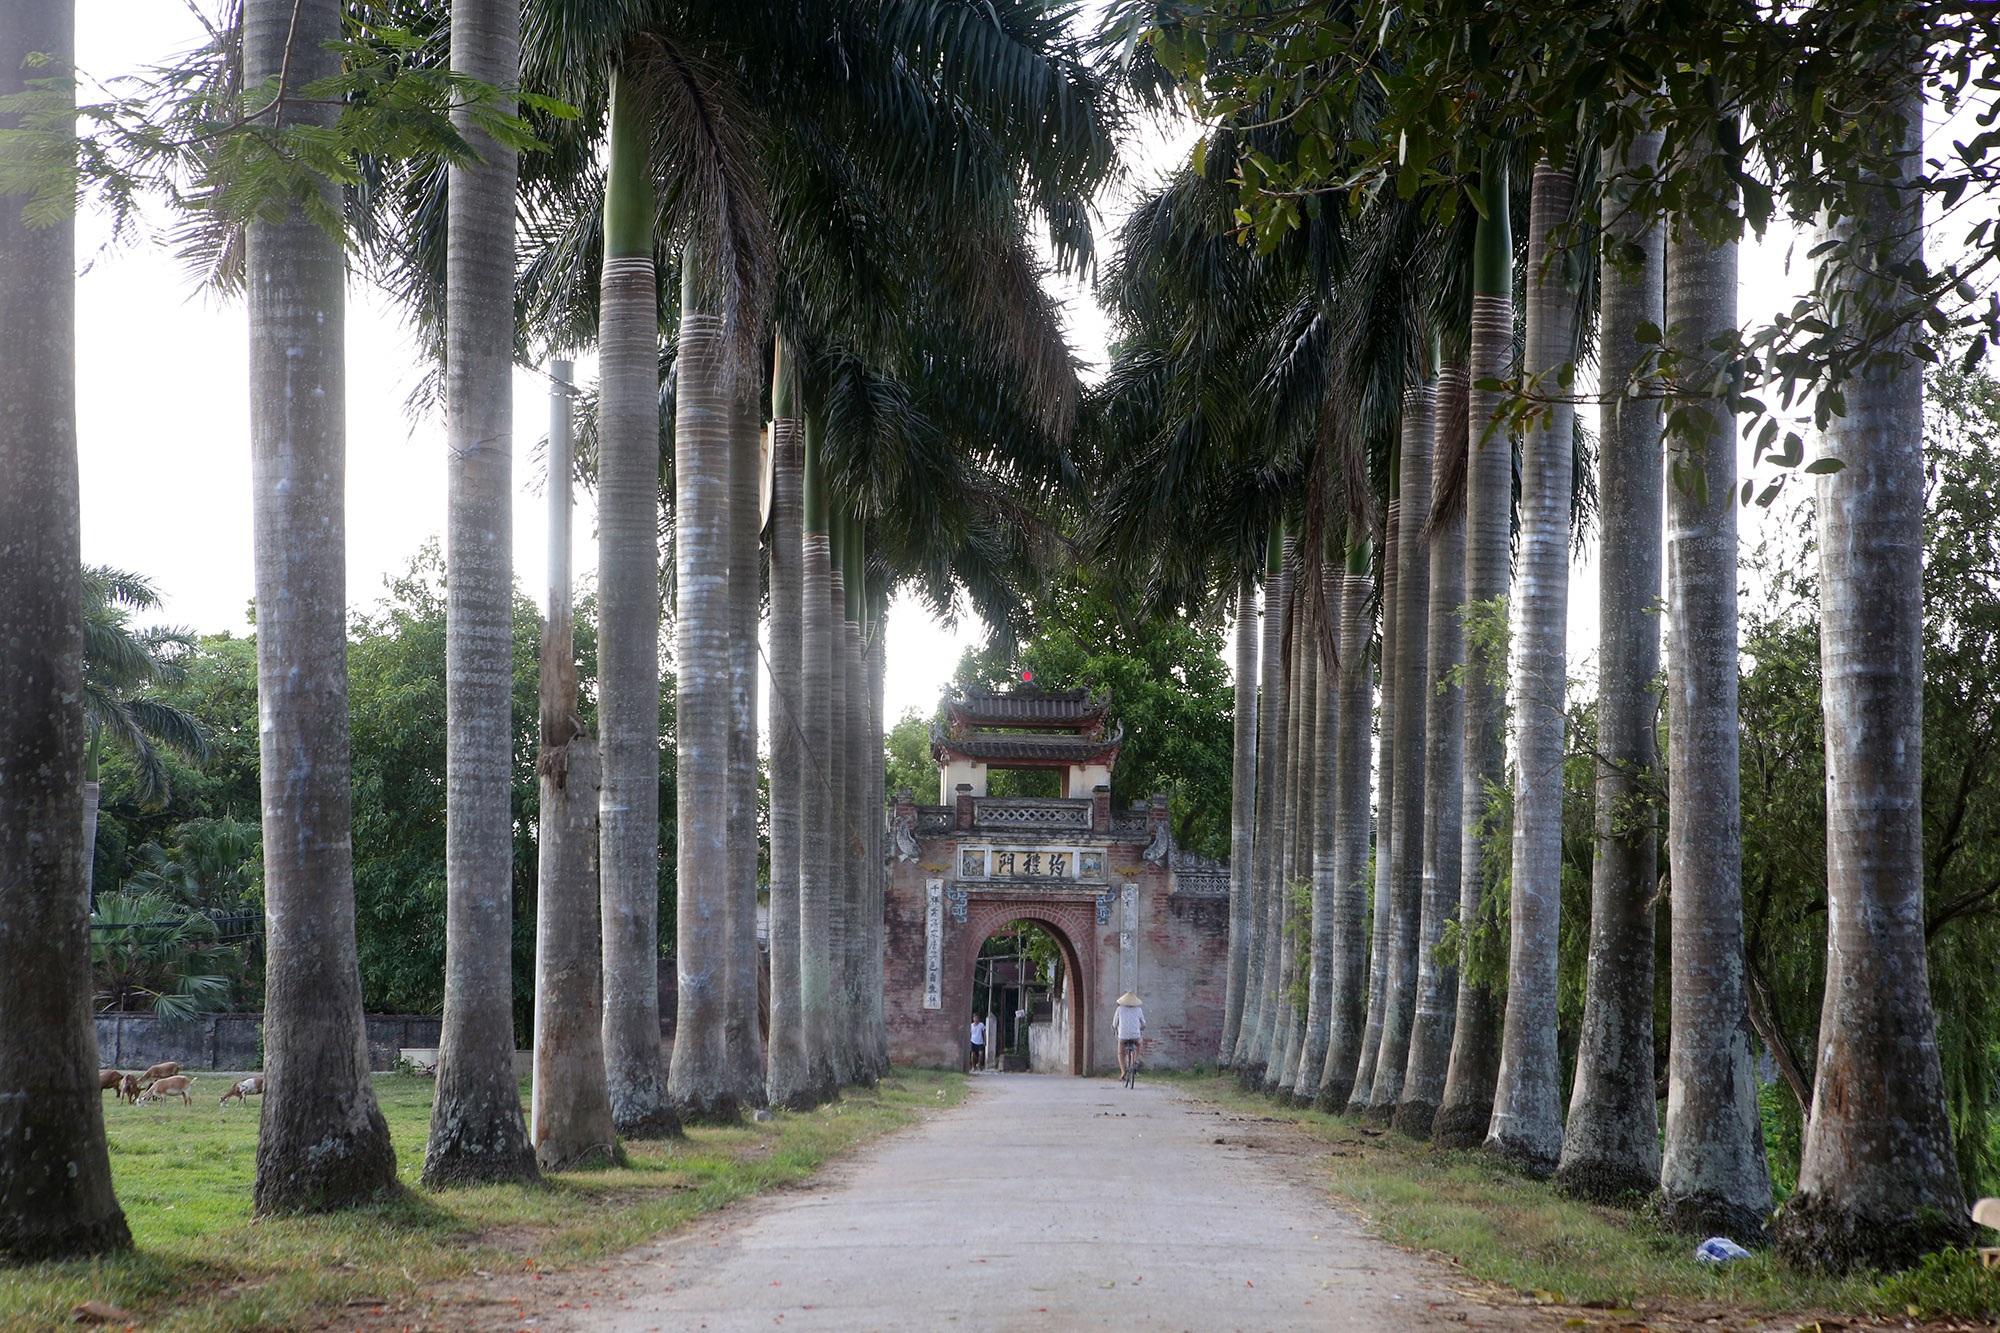 Khám phá vẻ đẹp của cổng làng đồ sộ trải qua 5 thế kỷ tại ngoại ô Hà Nội - 11